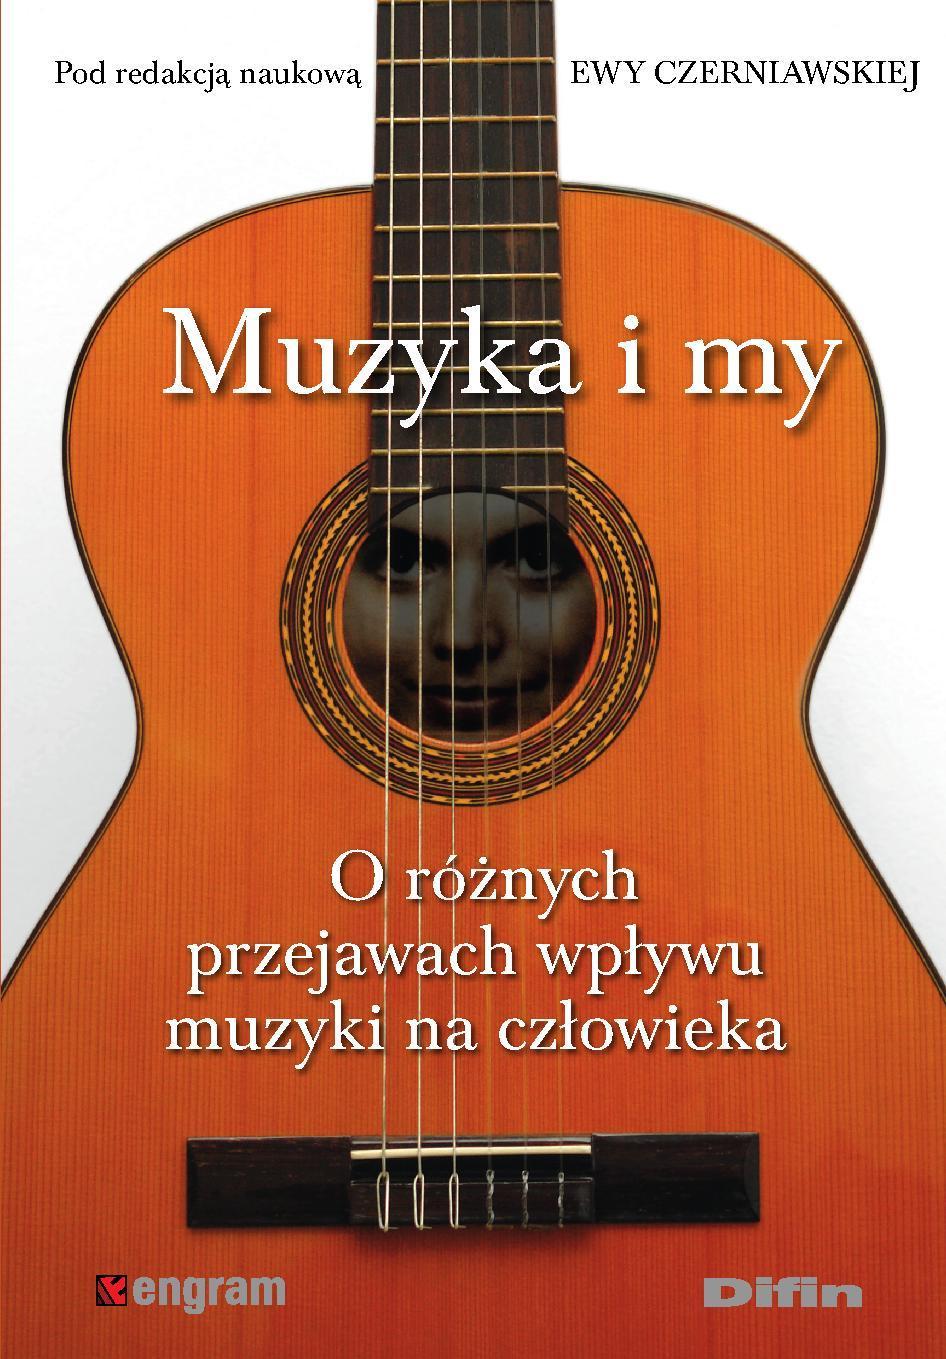 Muzyka i my. O różnych przejawach wpływu muzyki na człowieka - Ebook (Książka PDF) do pobrania w formacie PDF